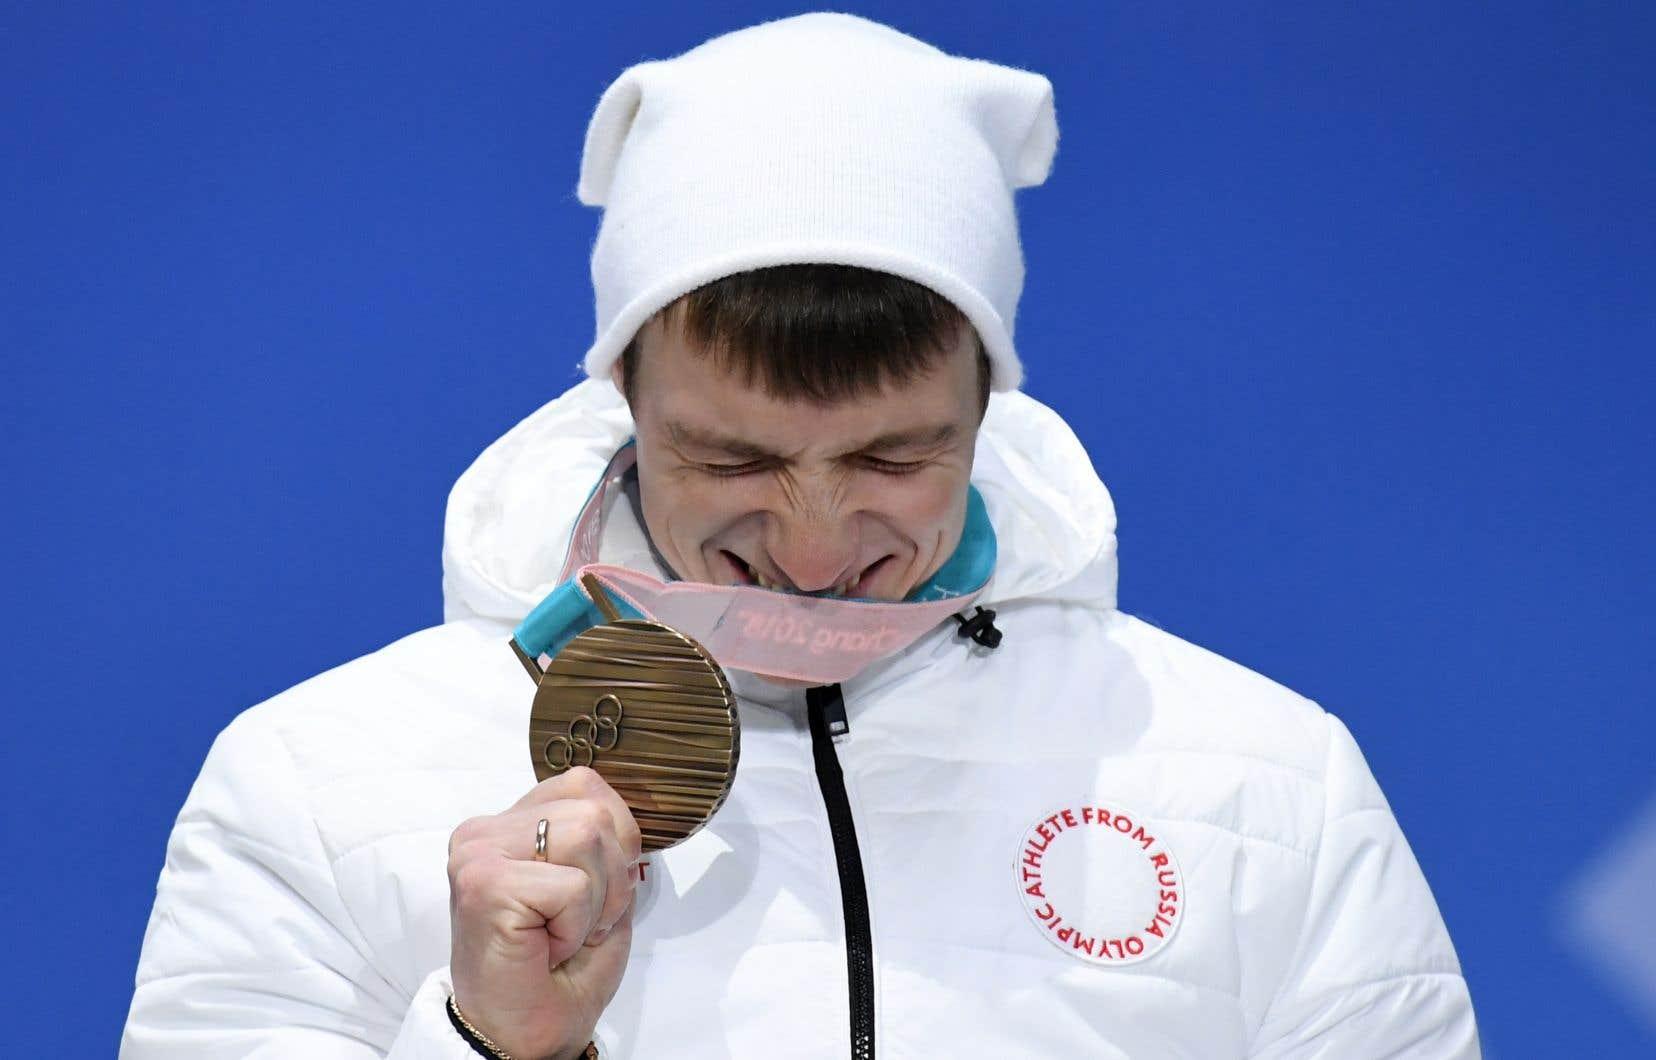 Le skieur Ilia Burov reçoit sa médaille de bronze lors des Jeux de Pyeongchang. Quand des athlètes russes obtiennent des médailles à Pyeongchang, celles-ci sont attribuées aux «athlètes olympiques de Russie», souligne l'auteur.